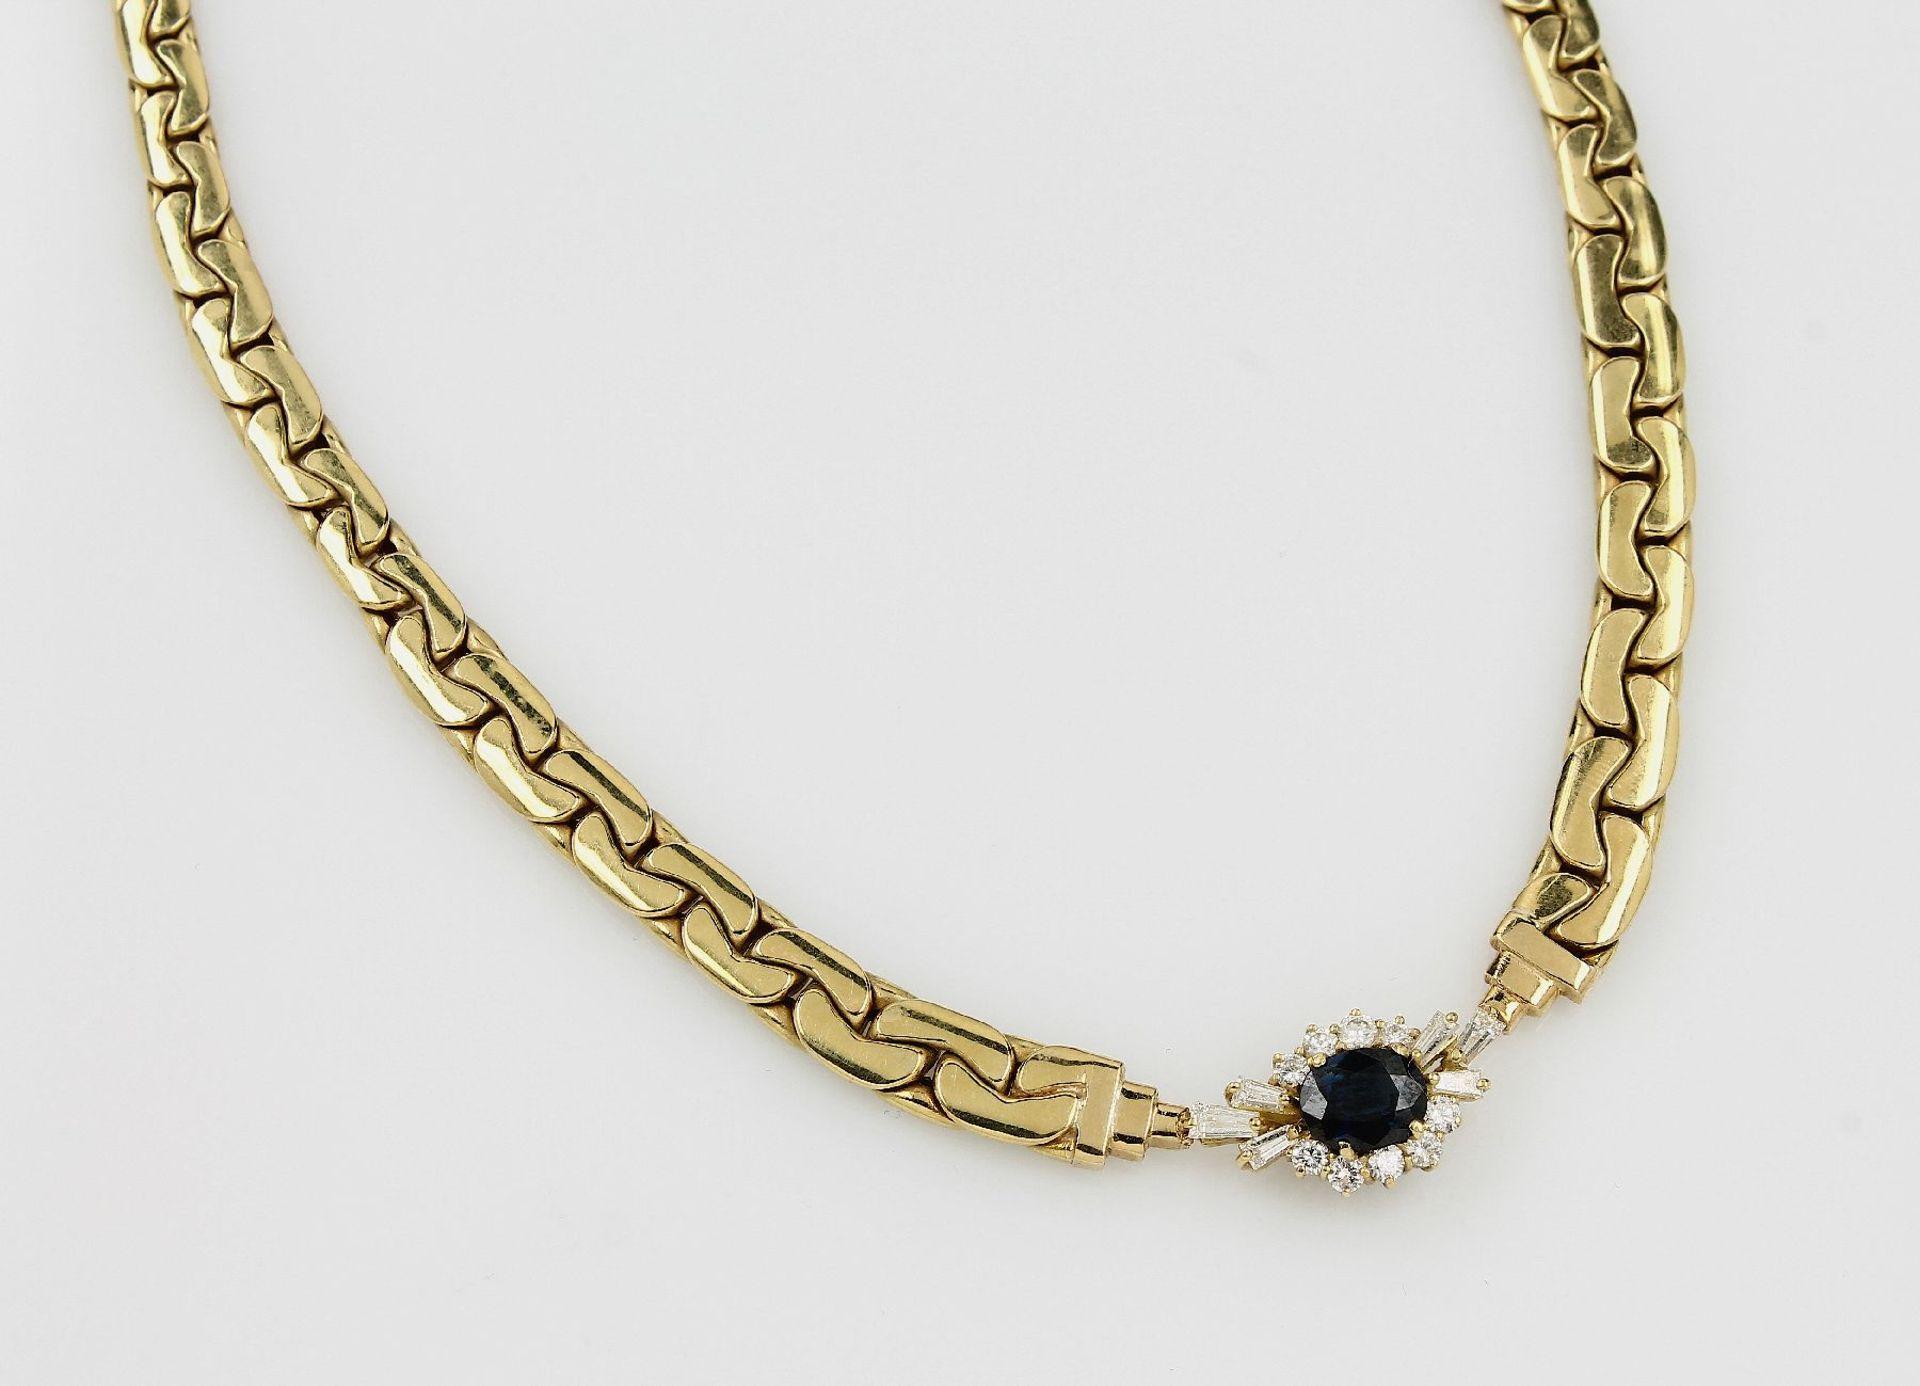 Los 31517 - 18 kt Gold Collier mit Saphir und Diamanten, GG 750/000, ovalfacett. Saphir ca. 2.05 ct und 10